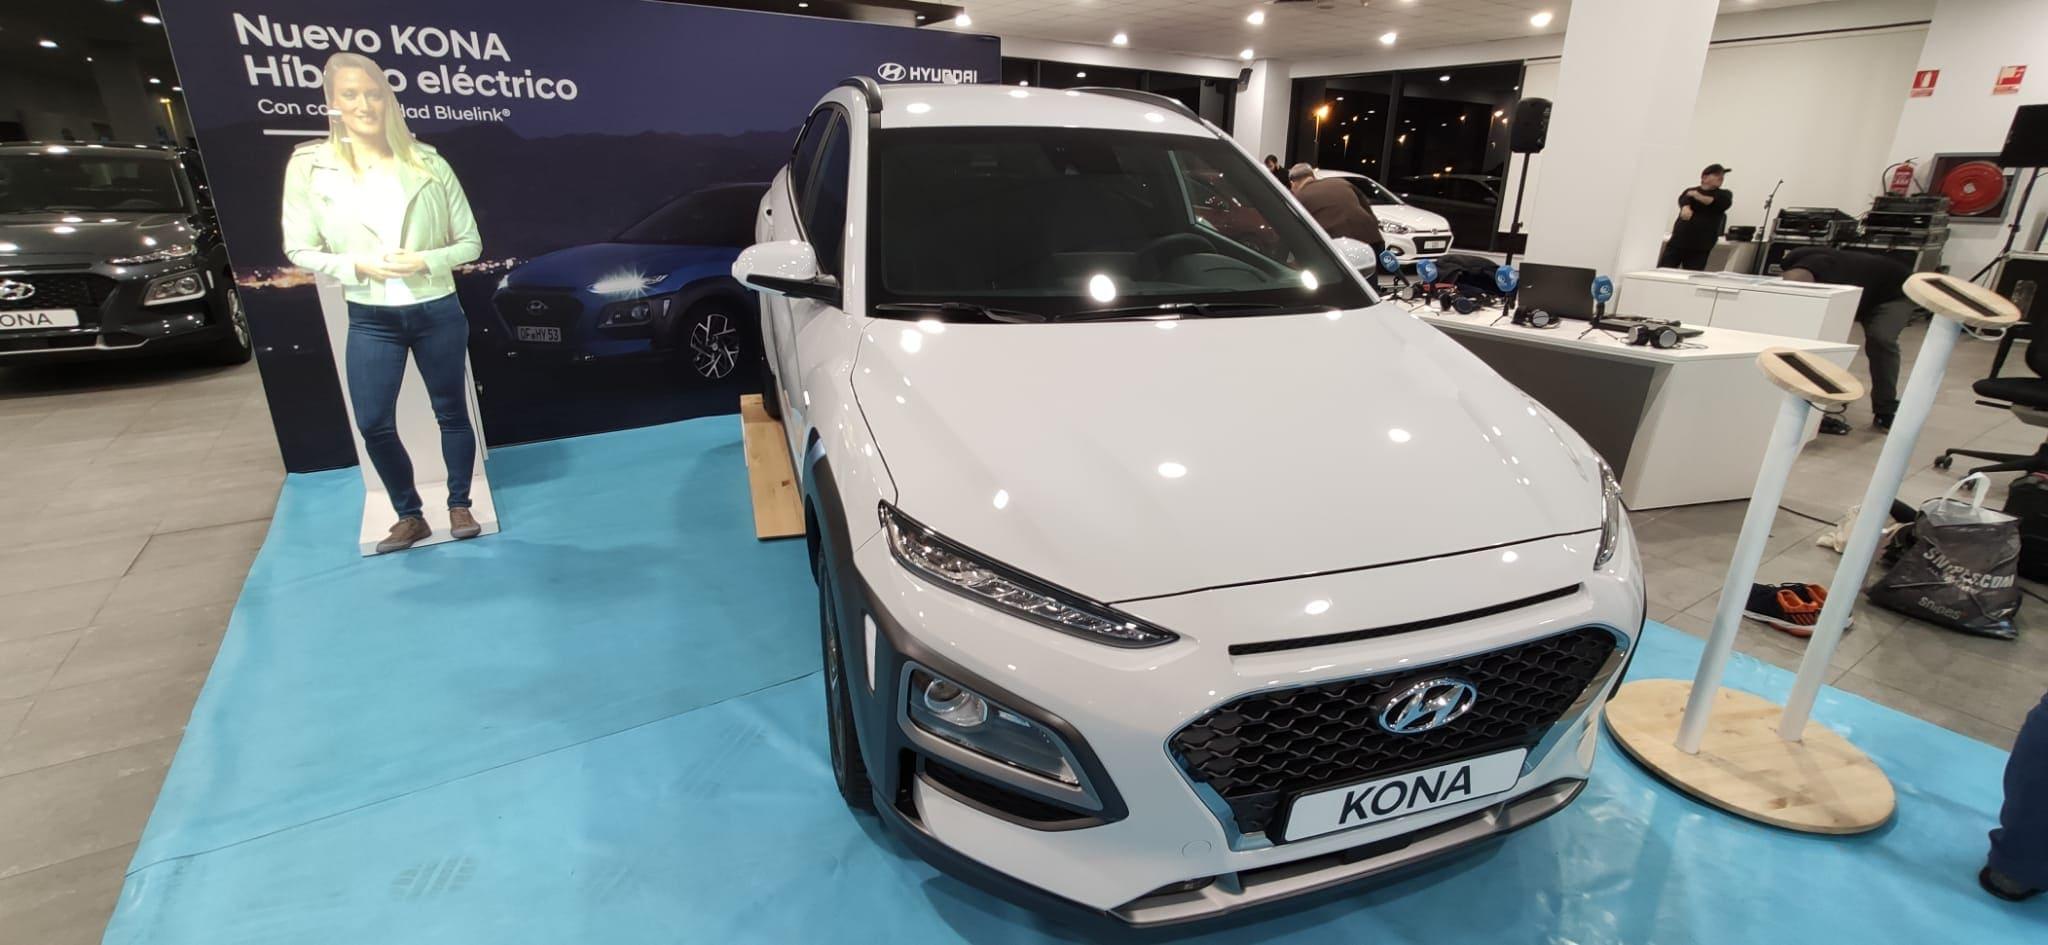 Presentacion_Hyundai_Kona_Hibrido_blanco